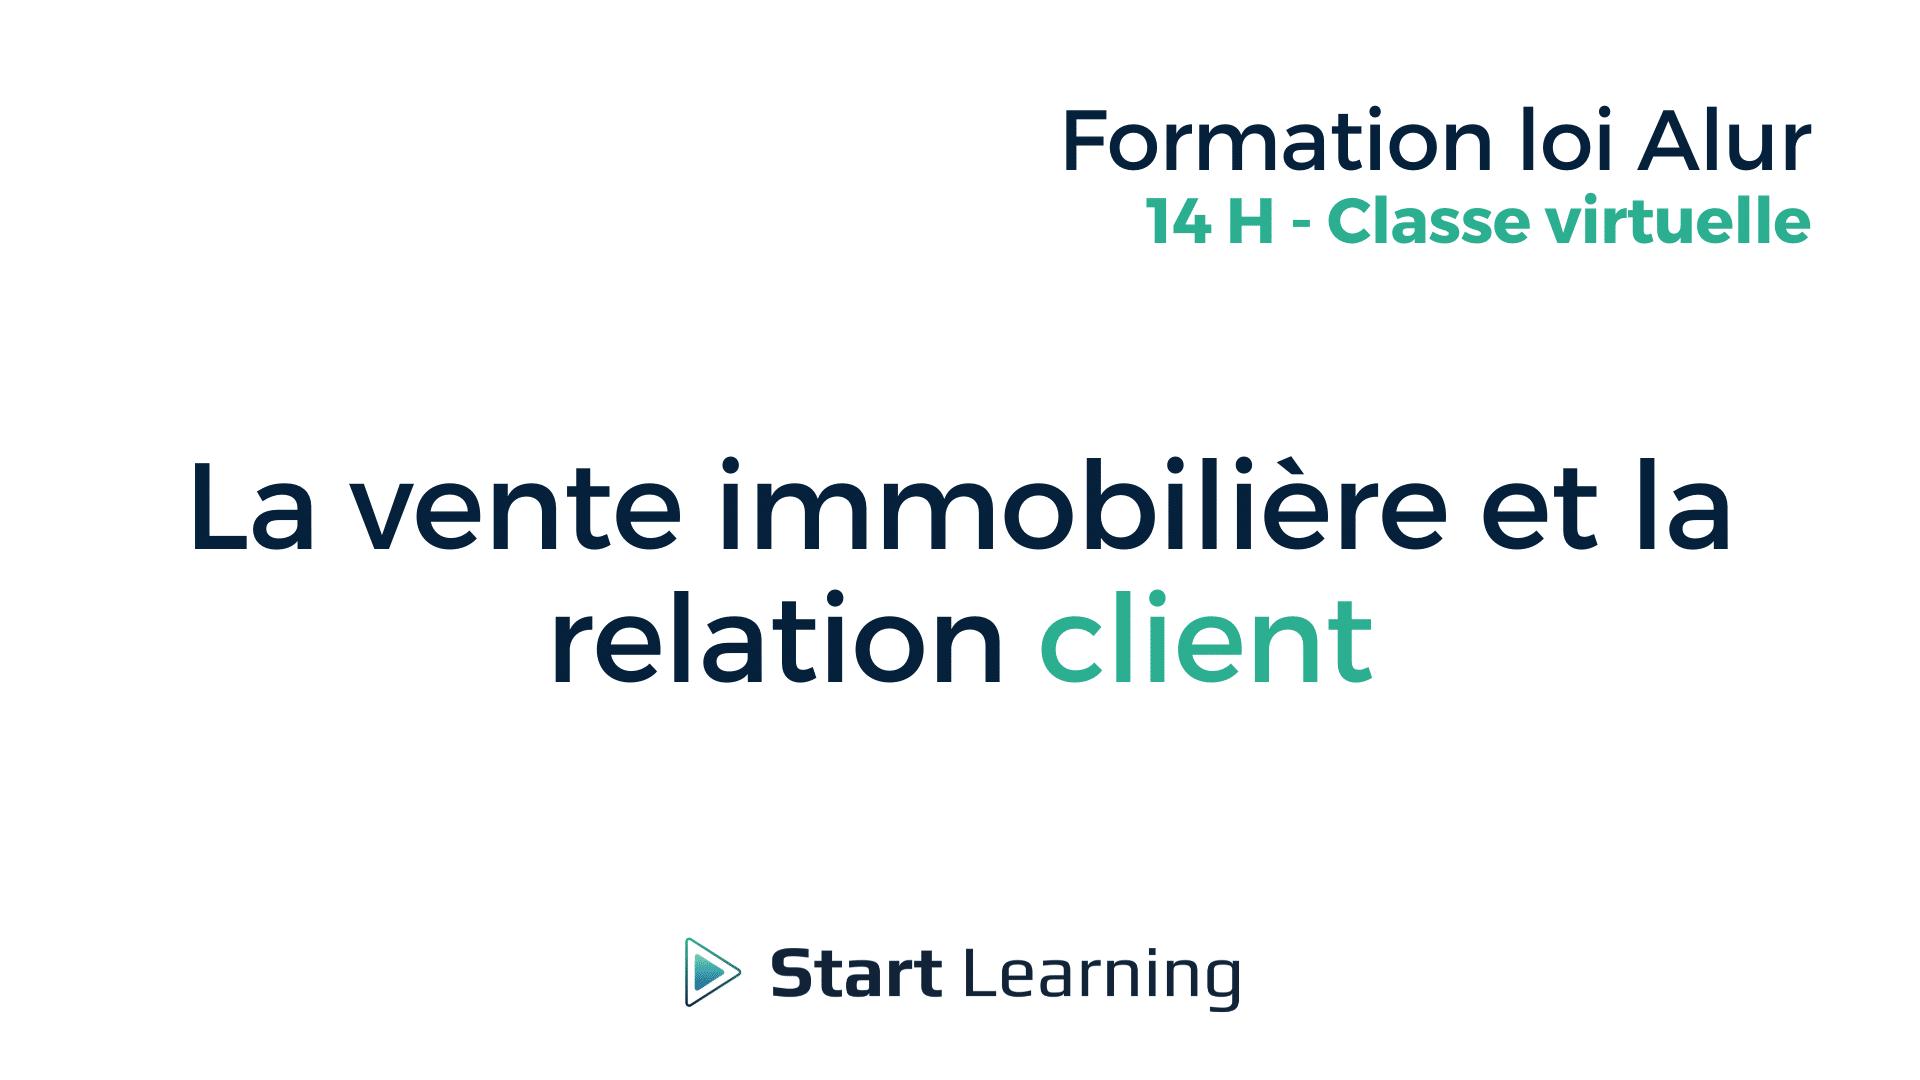 Formation loi Alur Classe Virtuelle - La vente immobilière et la relation client